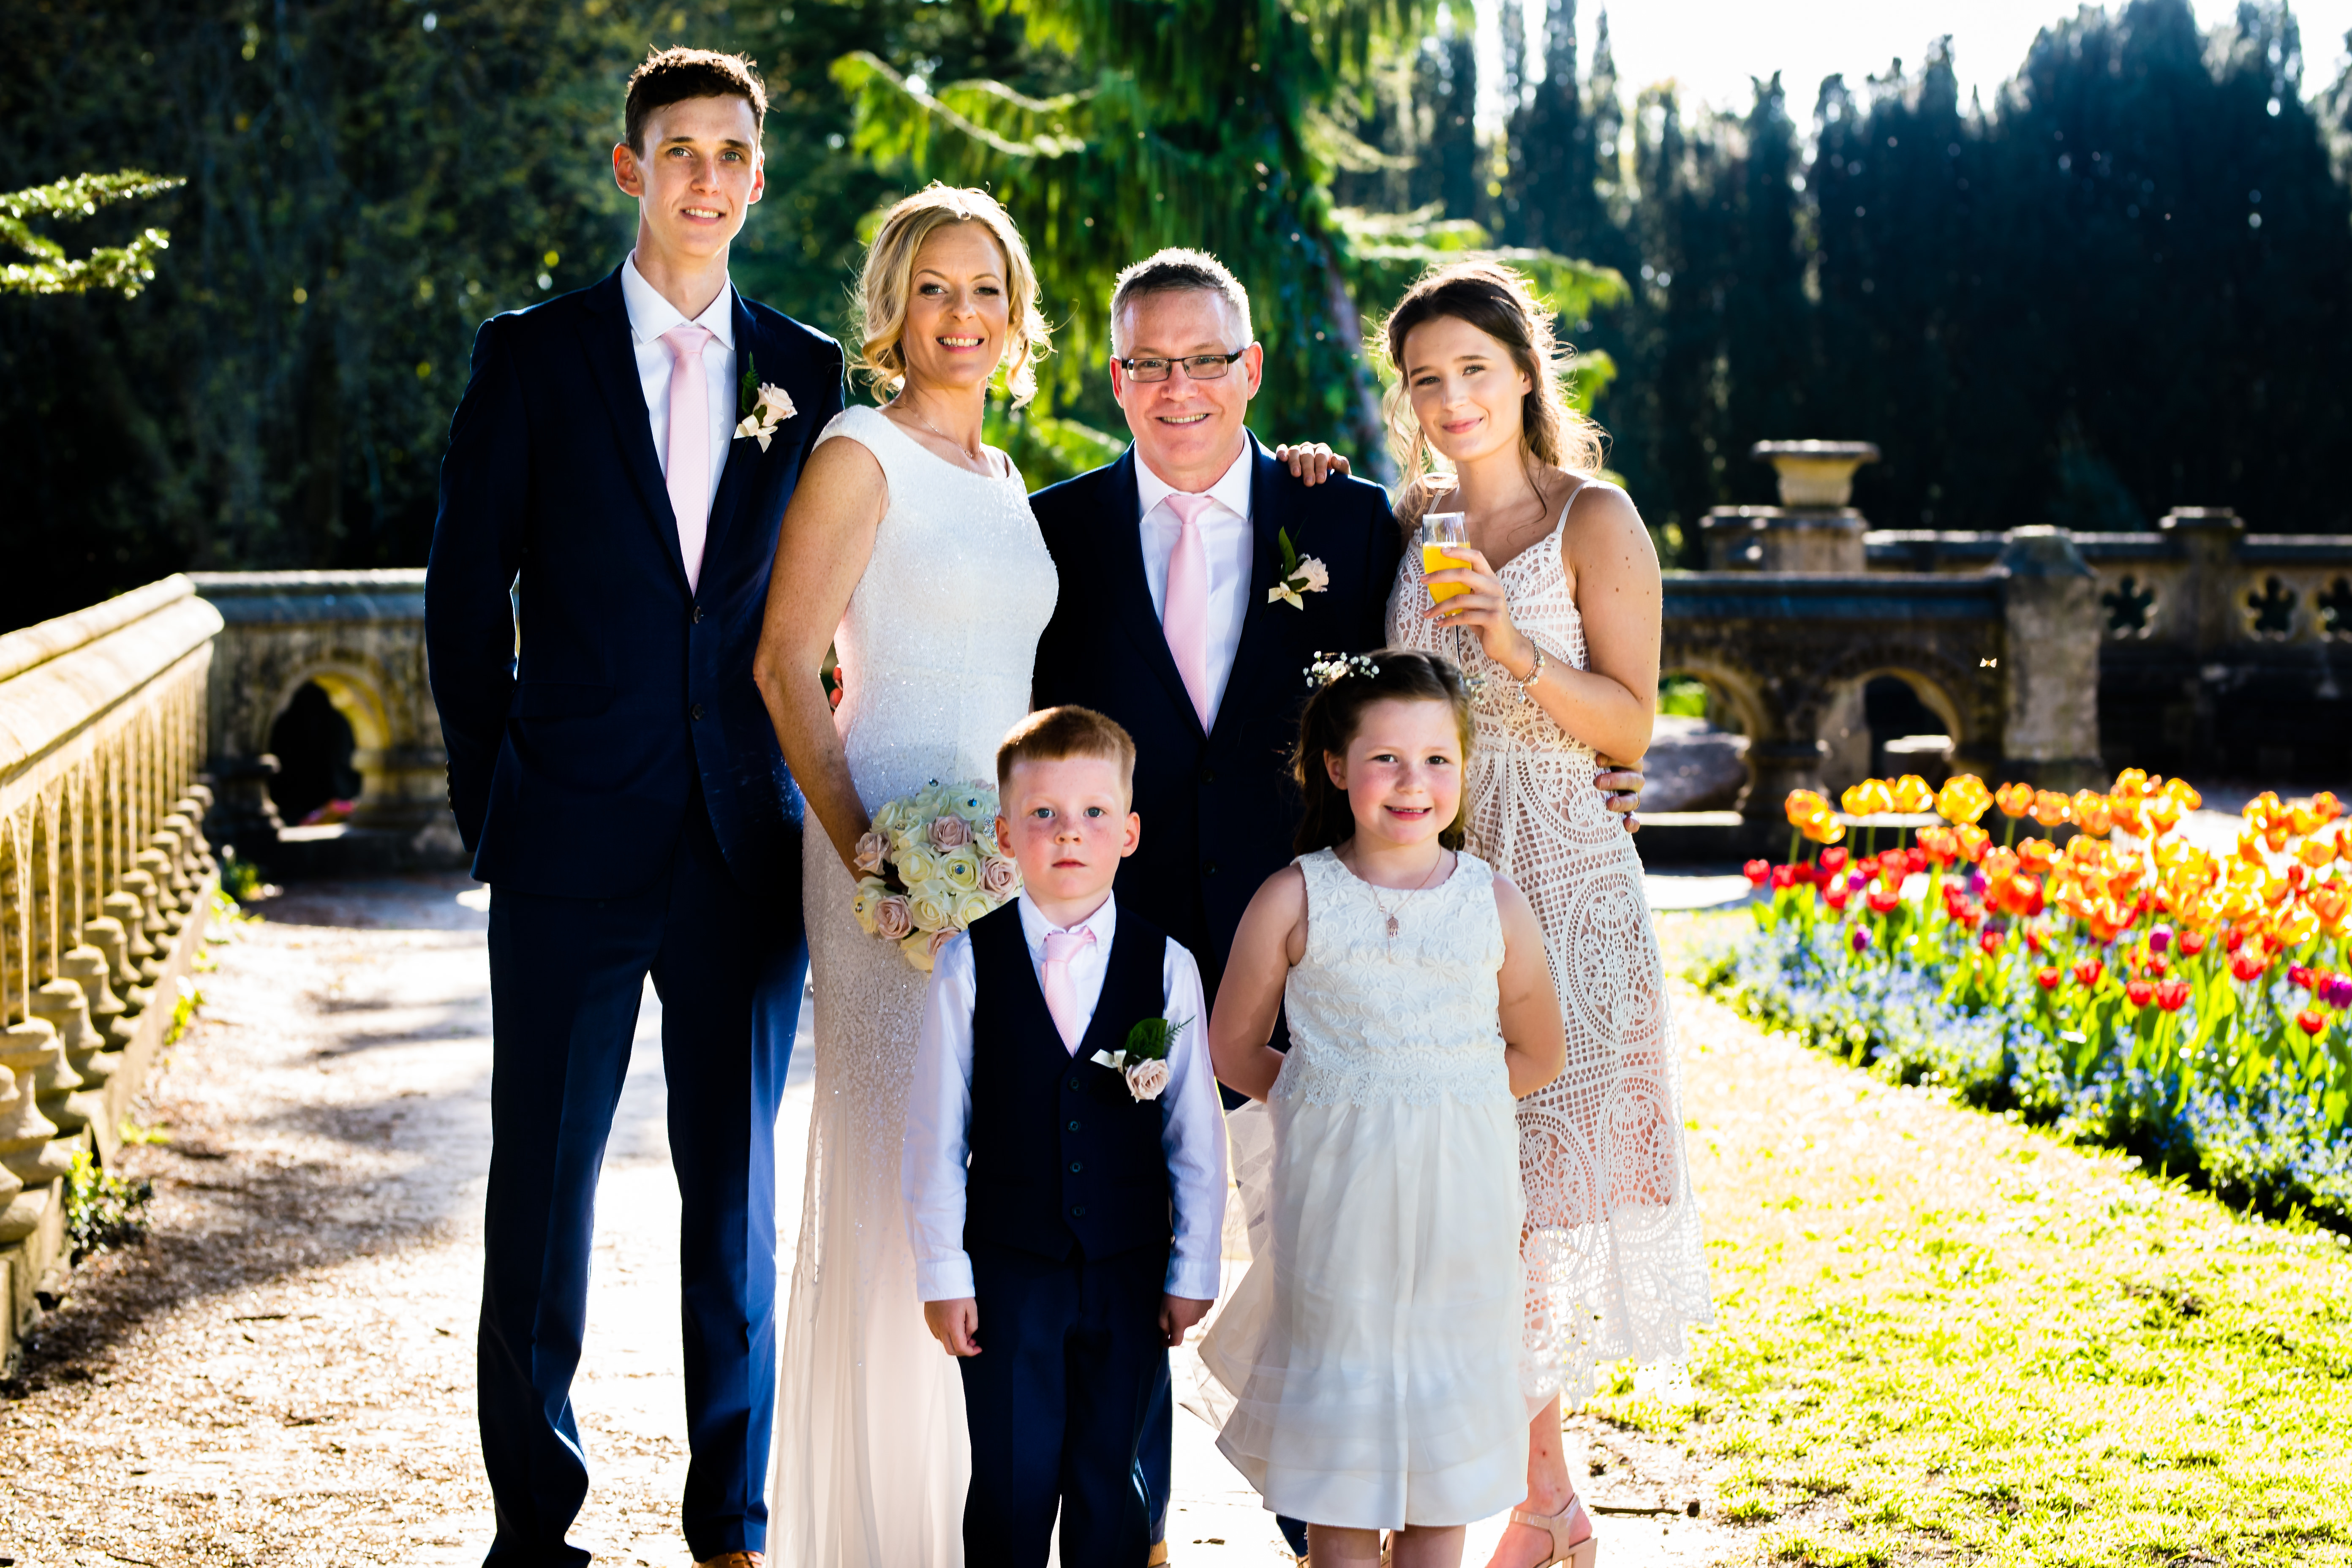 Add-Wedding-5th-May-341-NIKON-D5-85.0-mm-f-1.4-1-250-sec-at-f-4.0180947.JPG#asset:3150